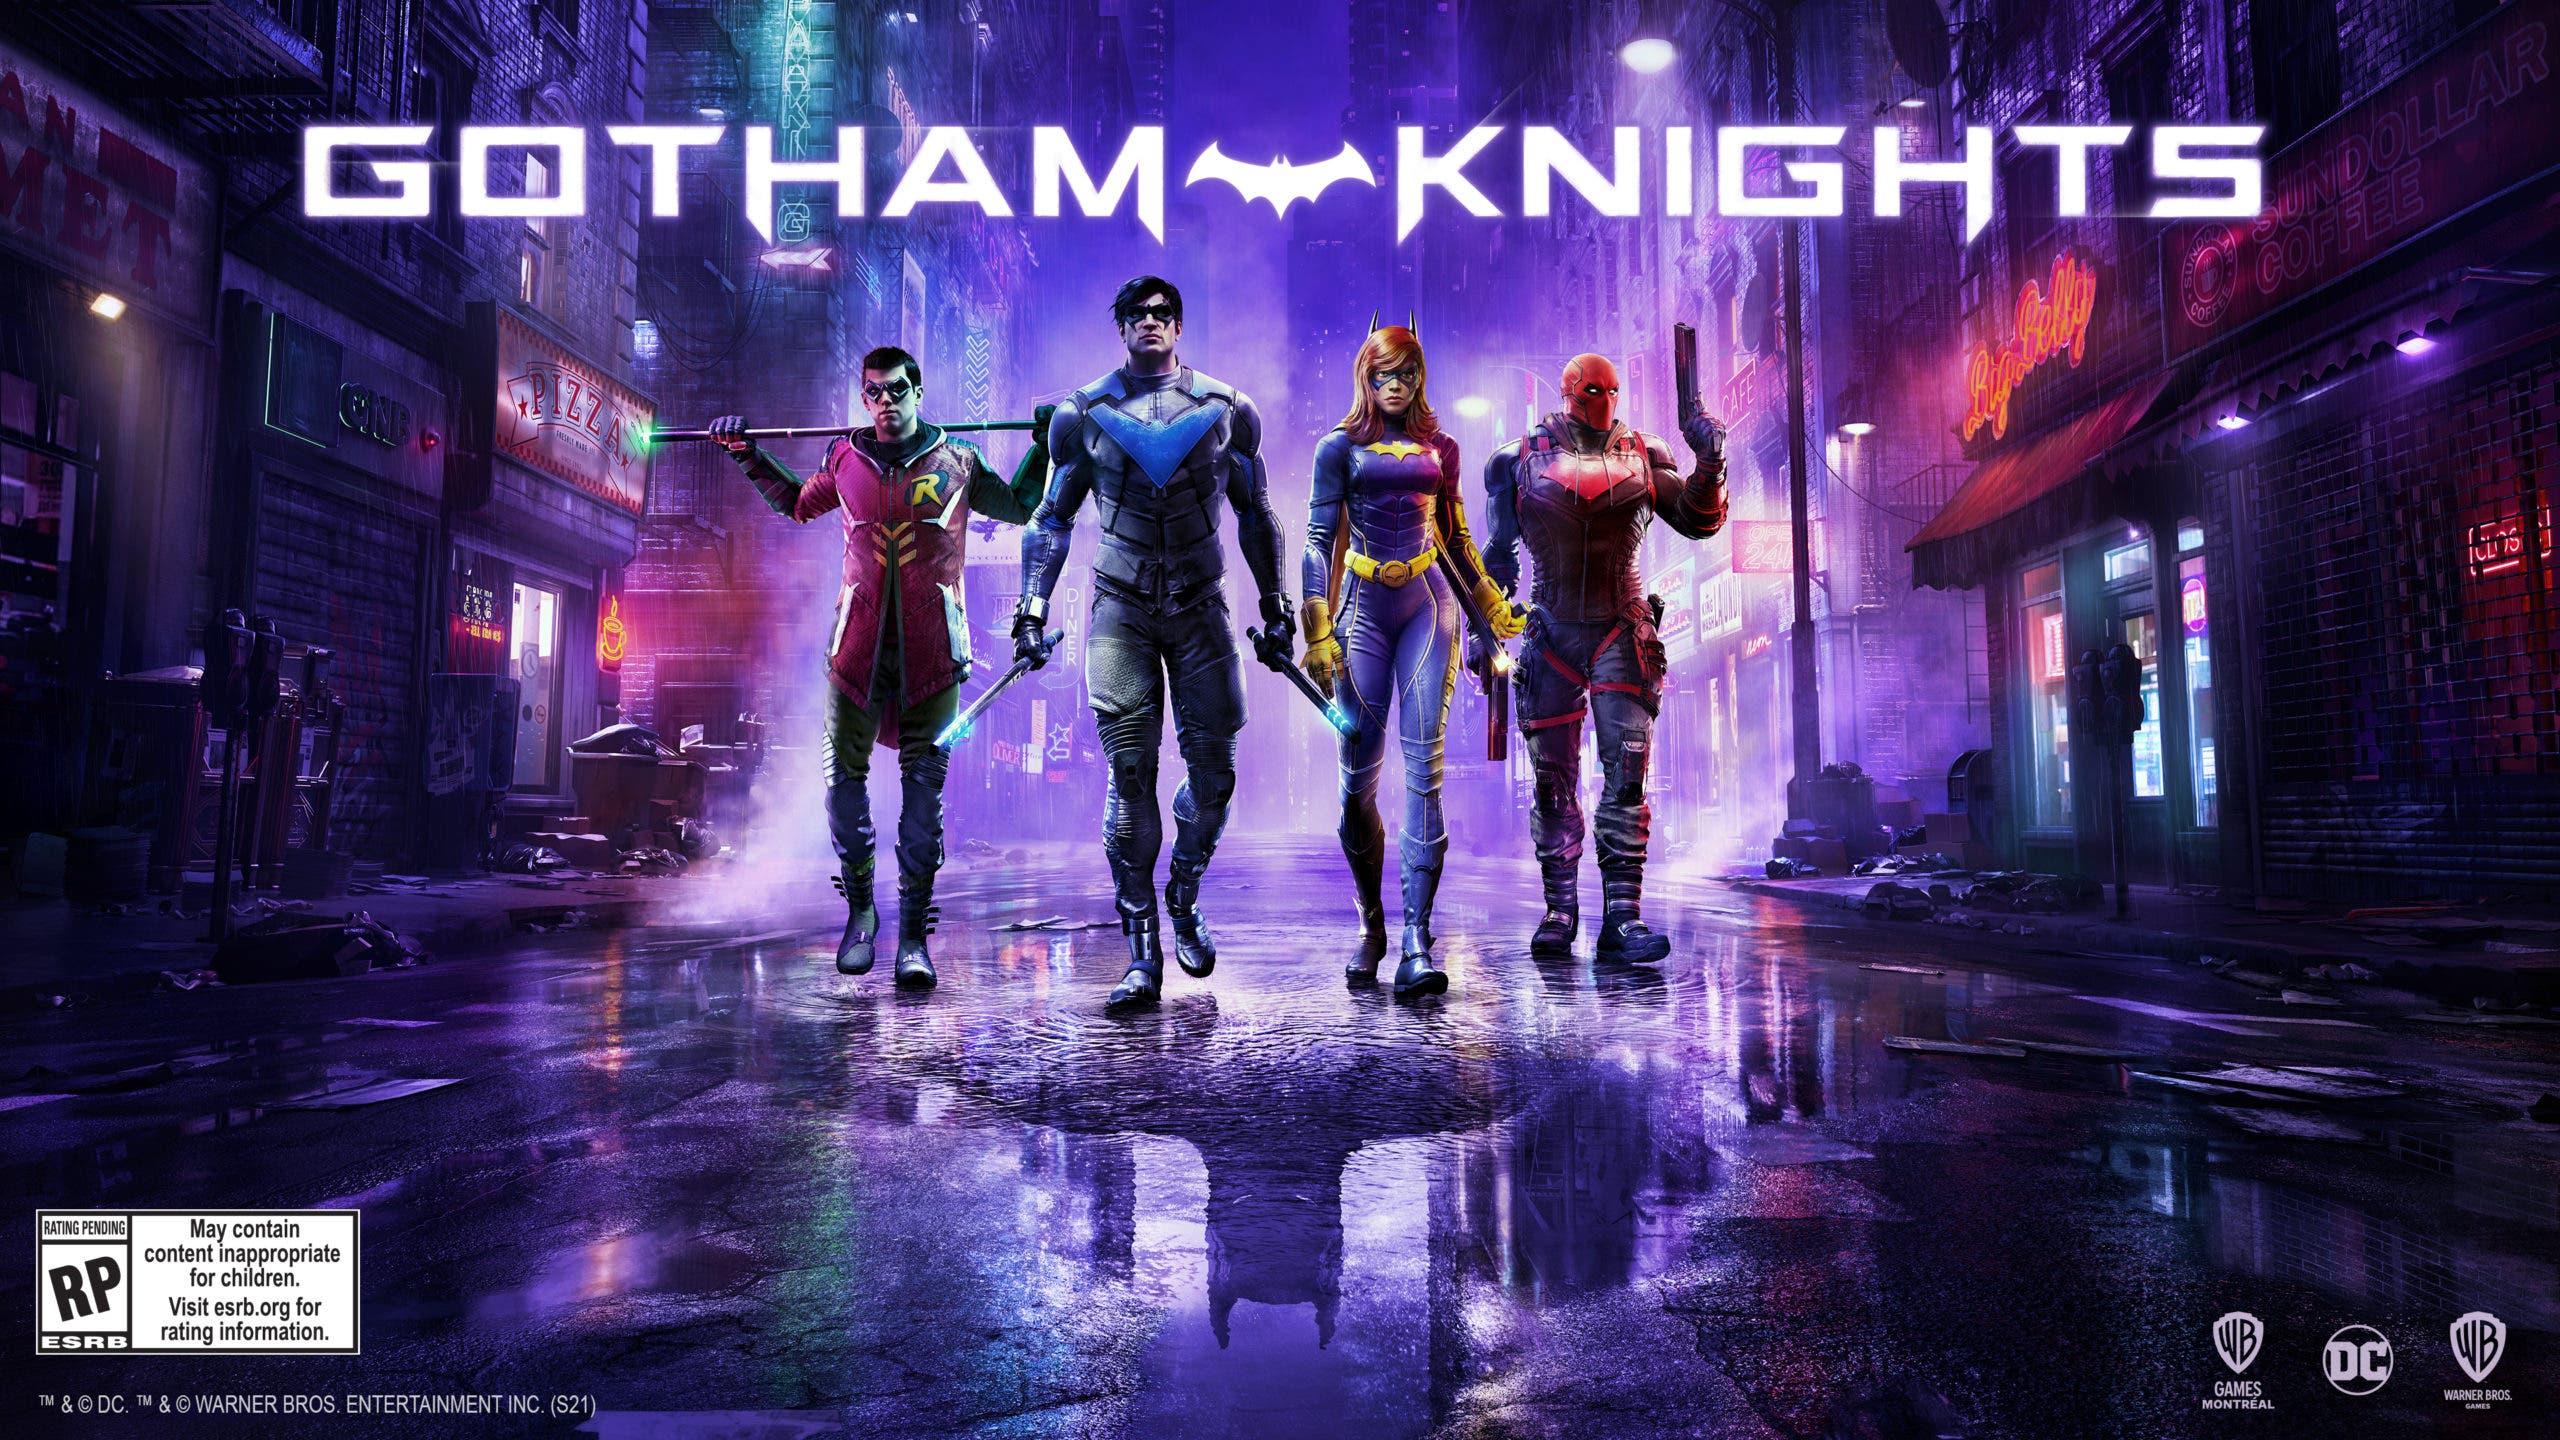 Gotham Knights Key Art 16x9 3628316131226995cff0.41809317 scaled